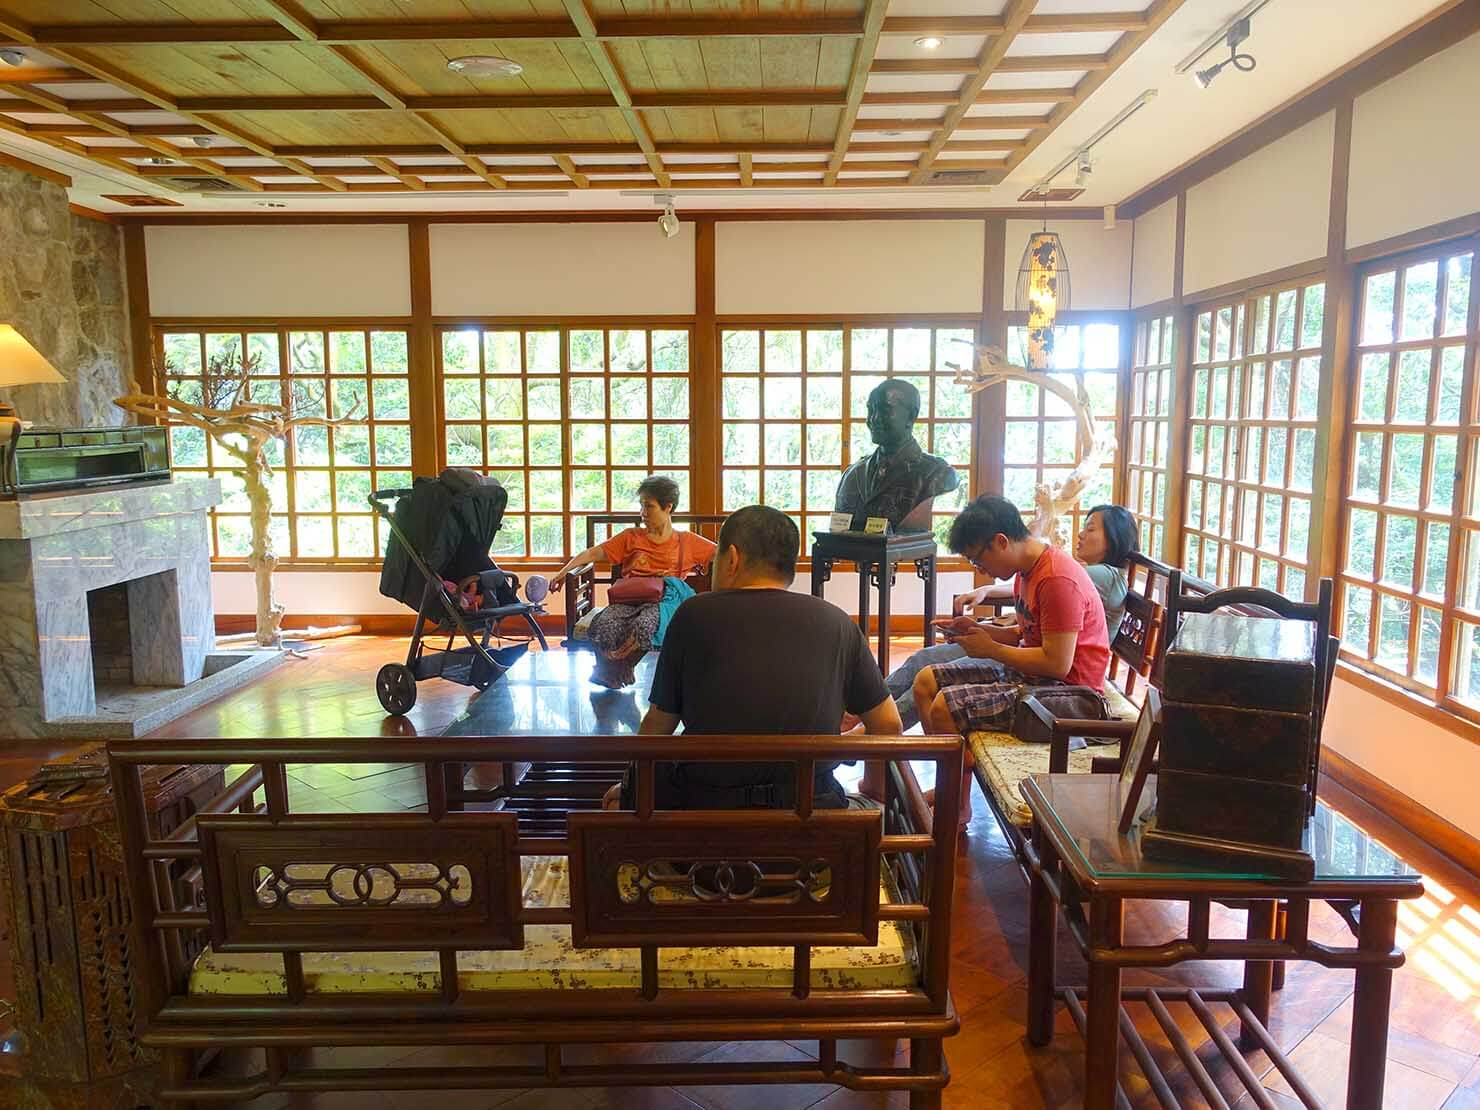 台北・陽明山のおすすめスポット「草山行館」の展示室に座る人々